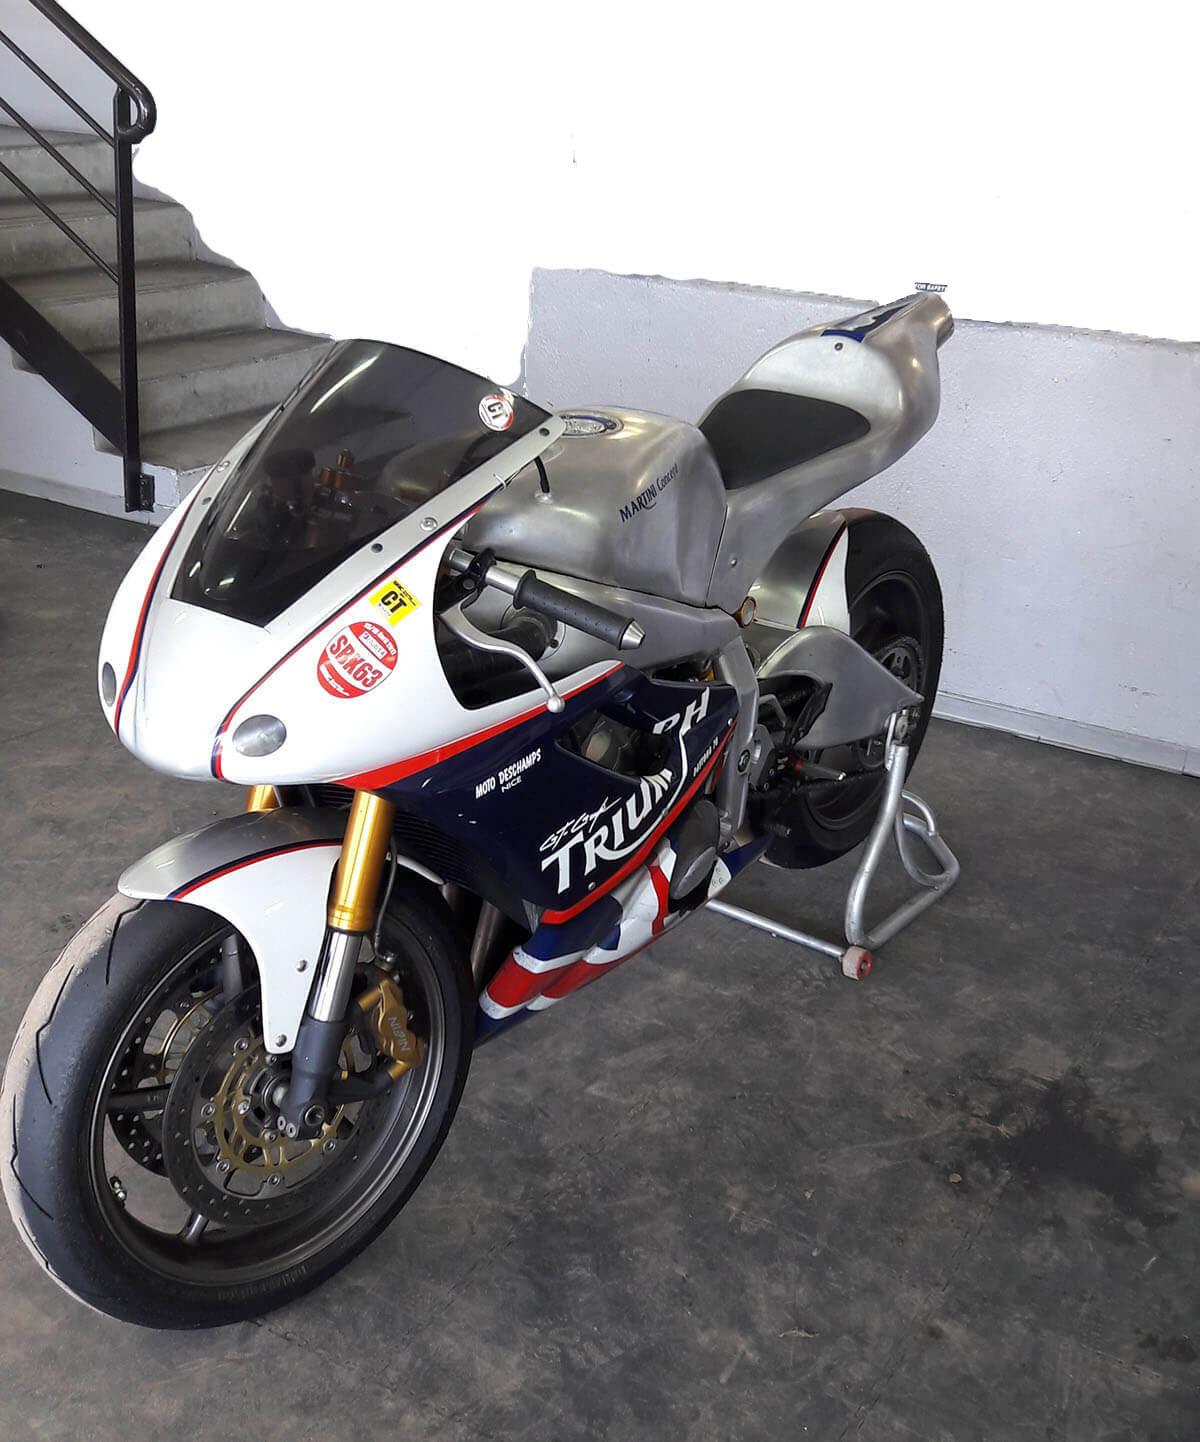 Triumph 675